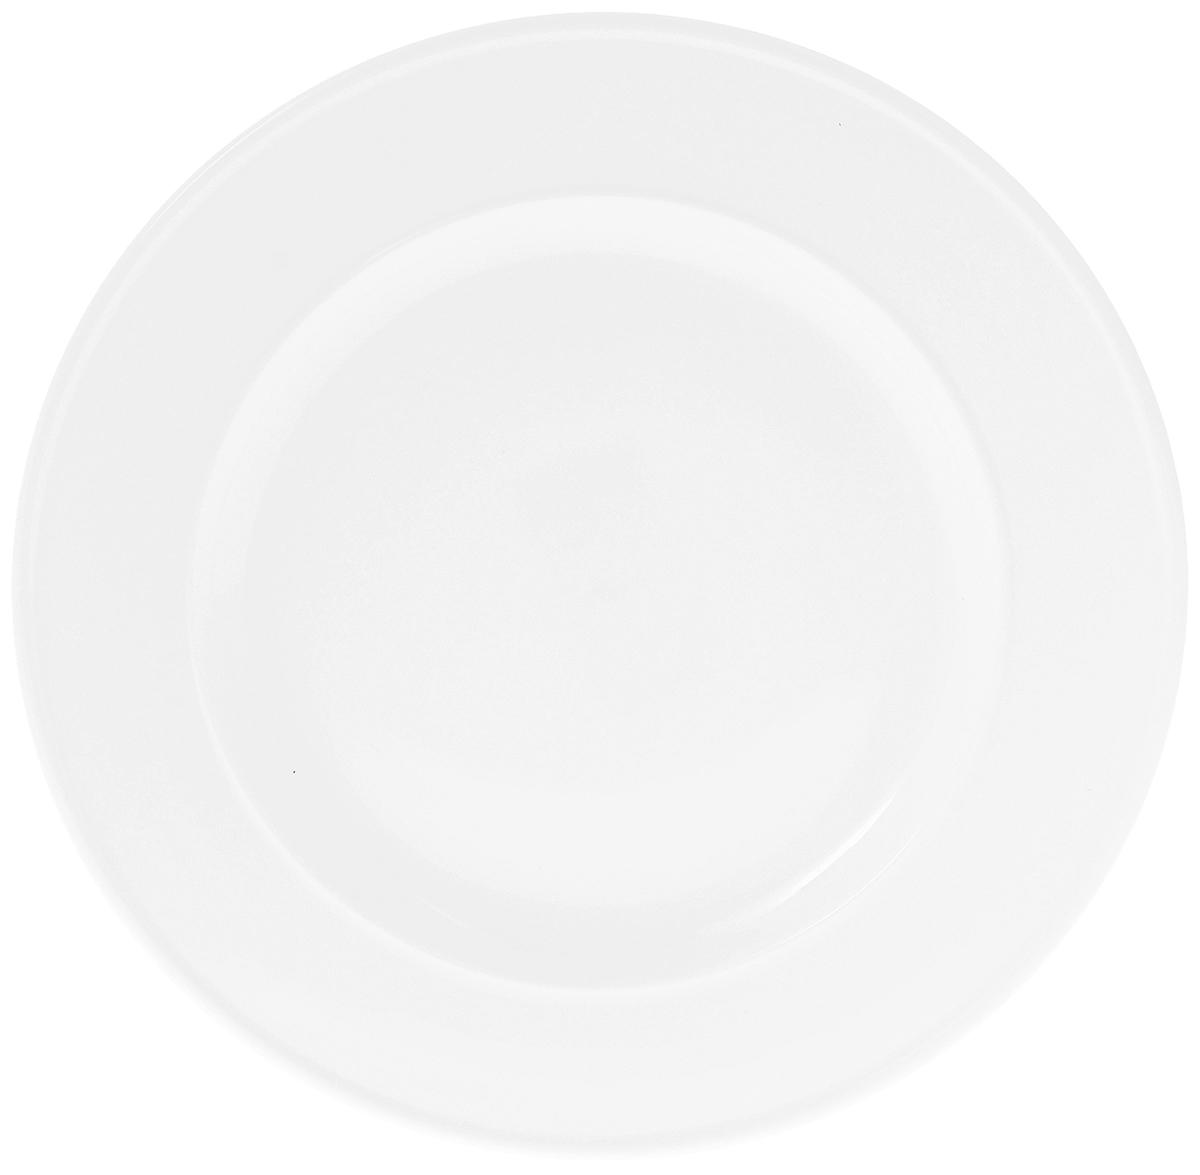 Тарелка Wilmax, диаметр 25,5 см. WL-991242 / AWL-991242 / AТарелка Wilmax, изготовленная из высококачественного фарфора, имеет классическую круглую форму. Изделие идеально подойдет для сервировки стола и станет отличным подарком к любому празднику. Можно мыть в посудомоечной машине и использовать в микроволновой печи.